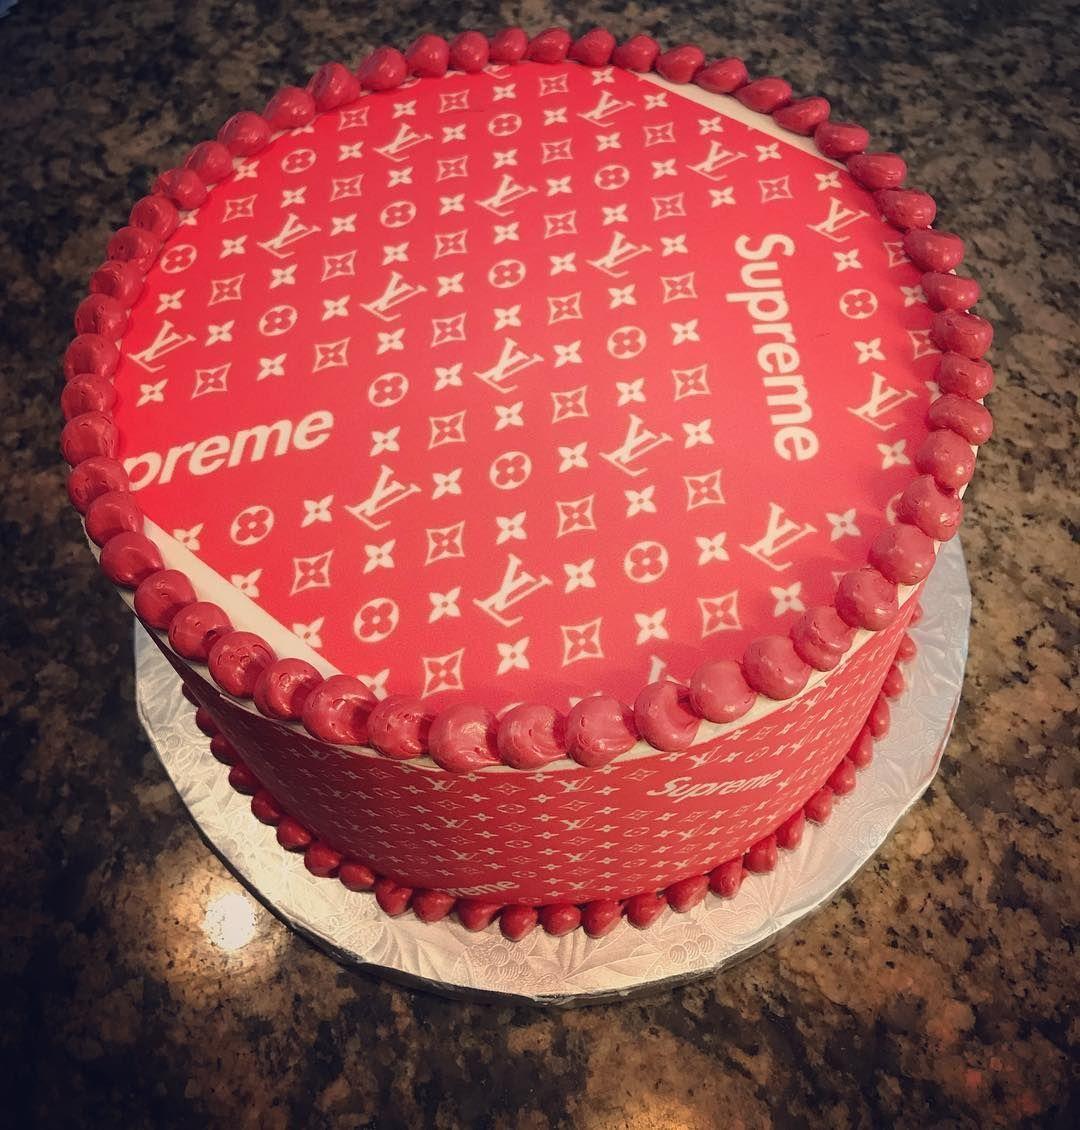 Louisvuitton Louisvuittonsupreme Customcake Edibleimage